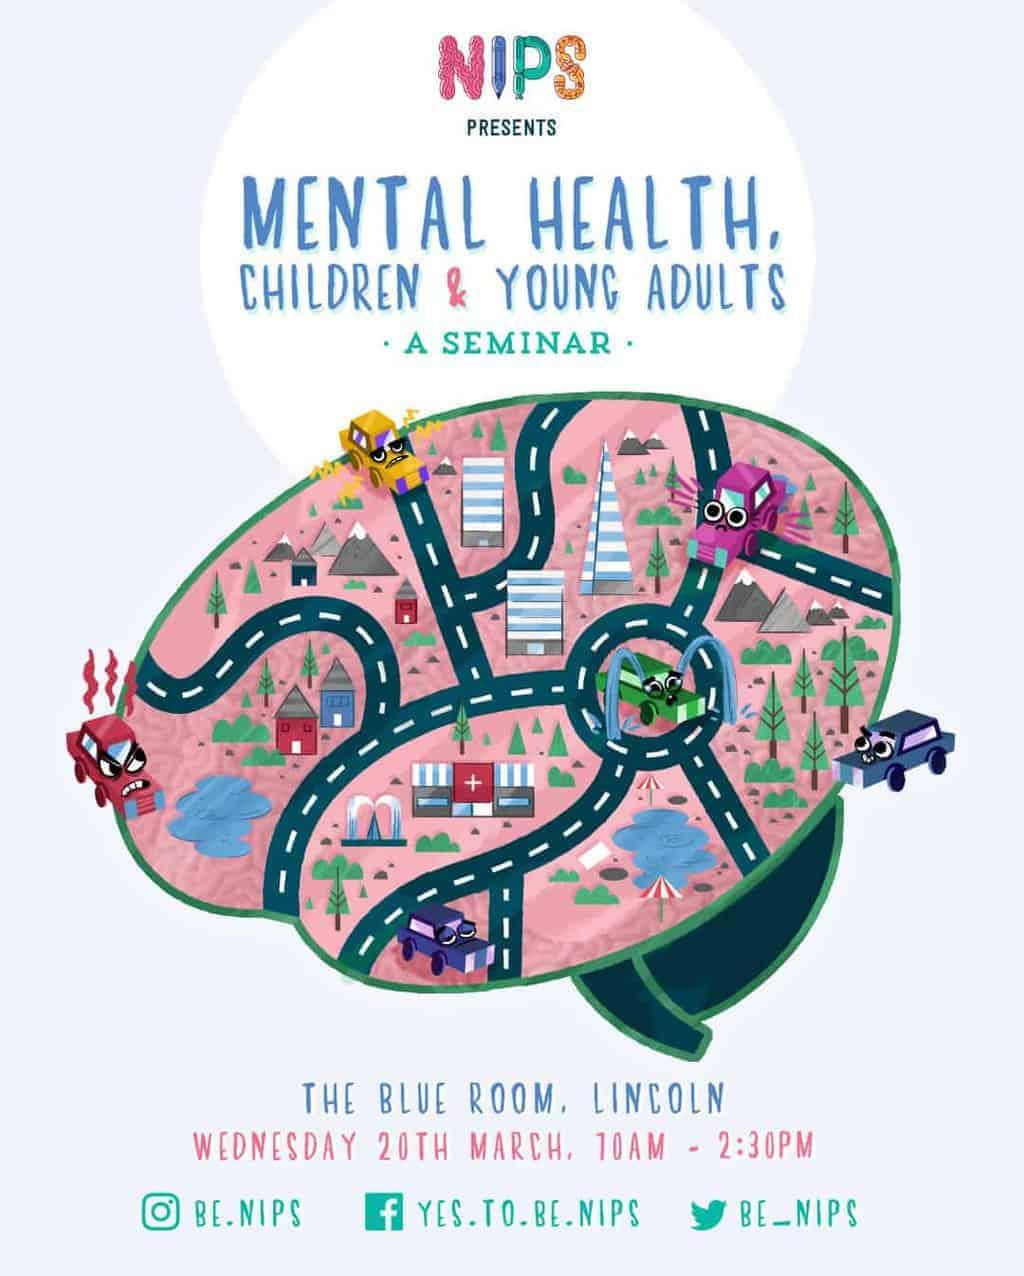 NIPS Mental Health Seminar